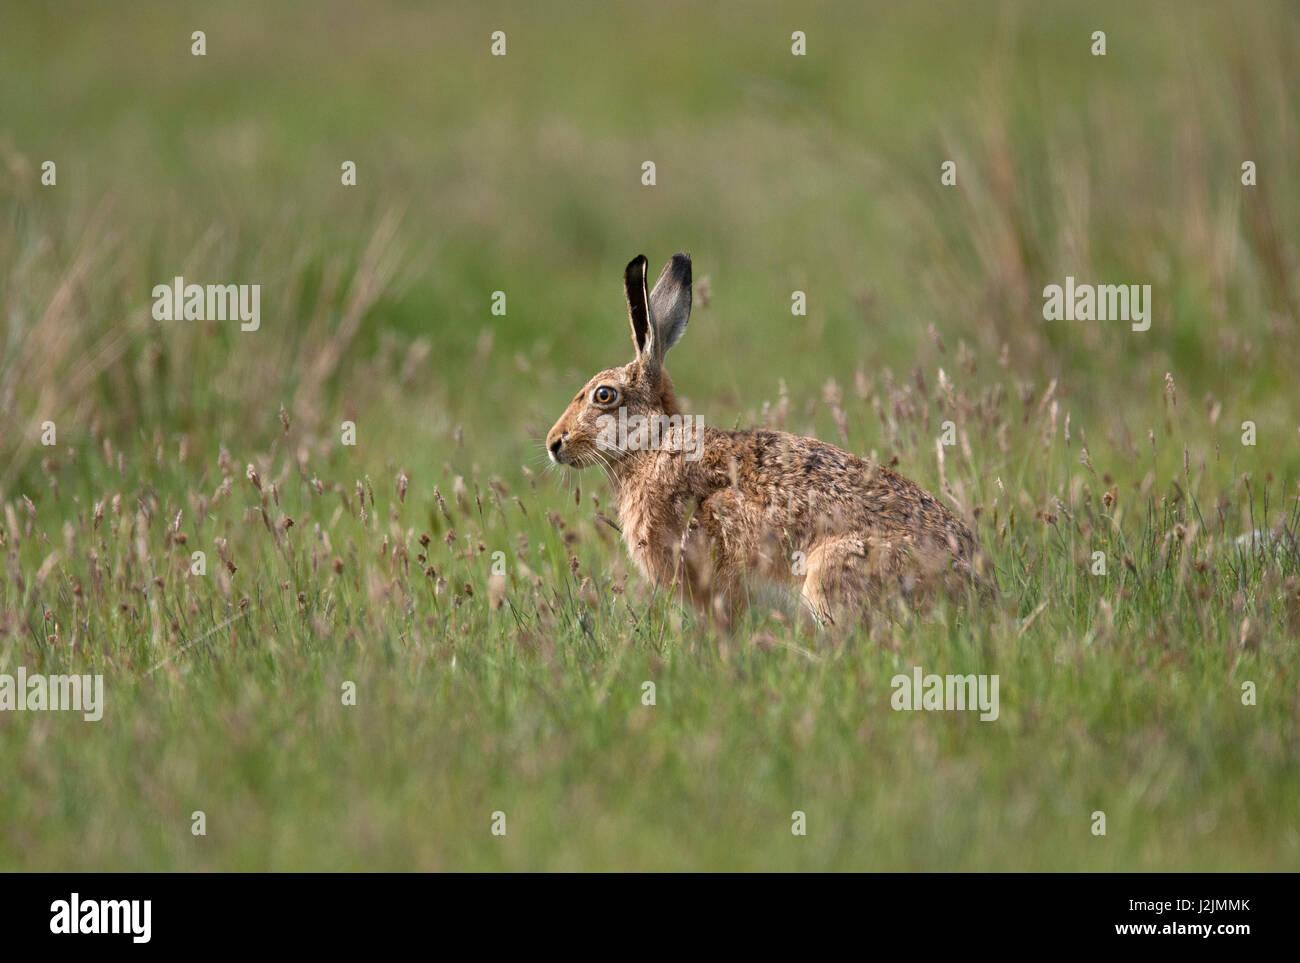 Brown la liebre, Lepus capensis solo adulto sentado en el campo en Escocia, Reino Unido Imagen De Stock